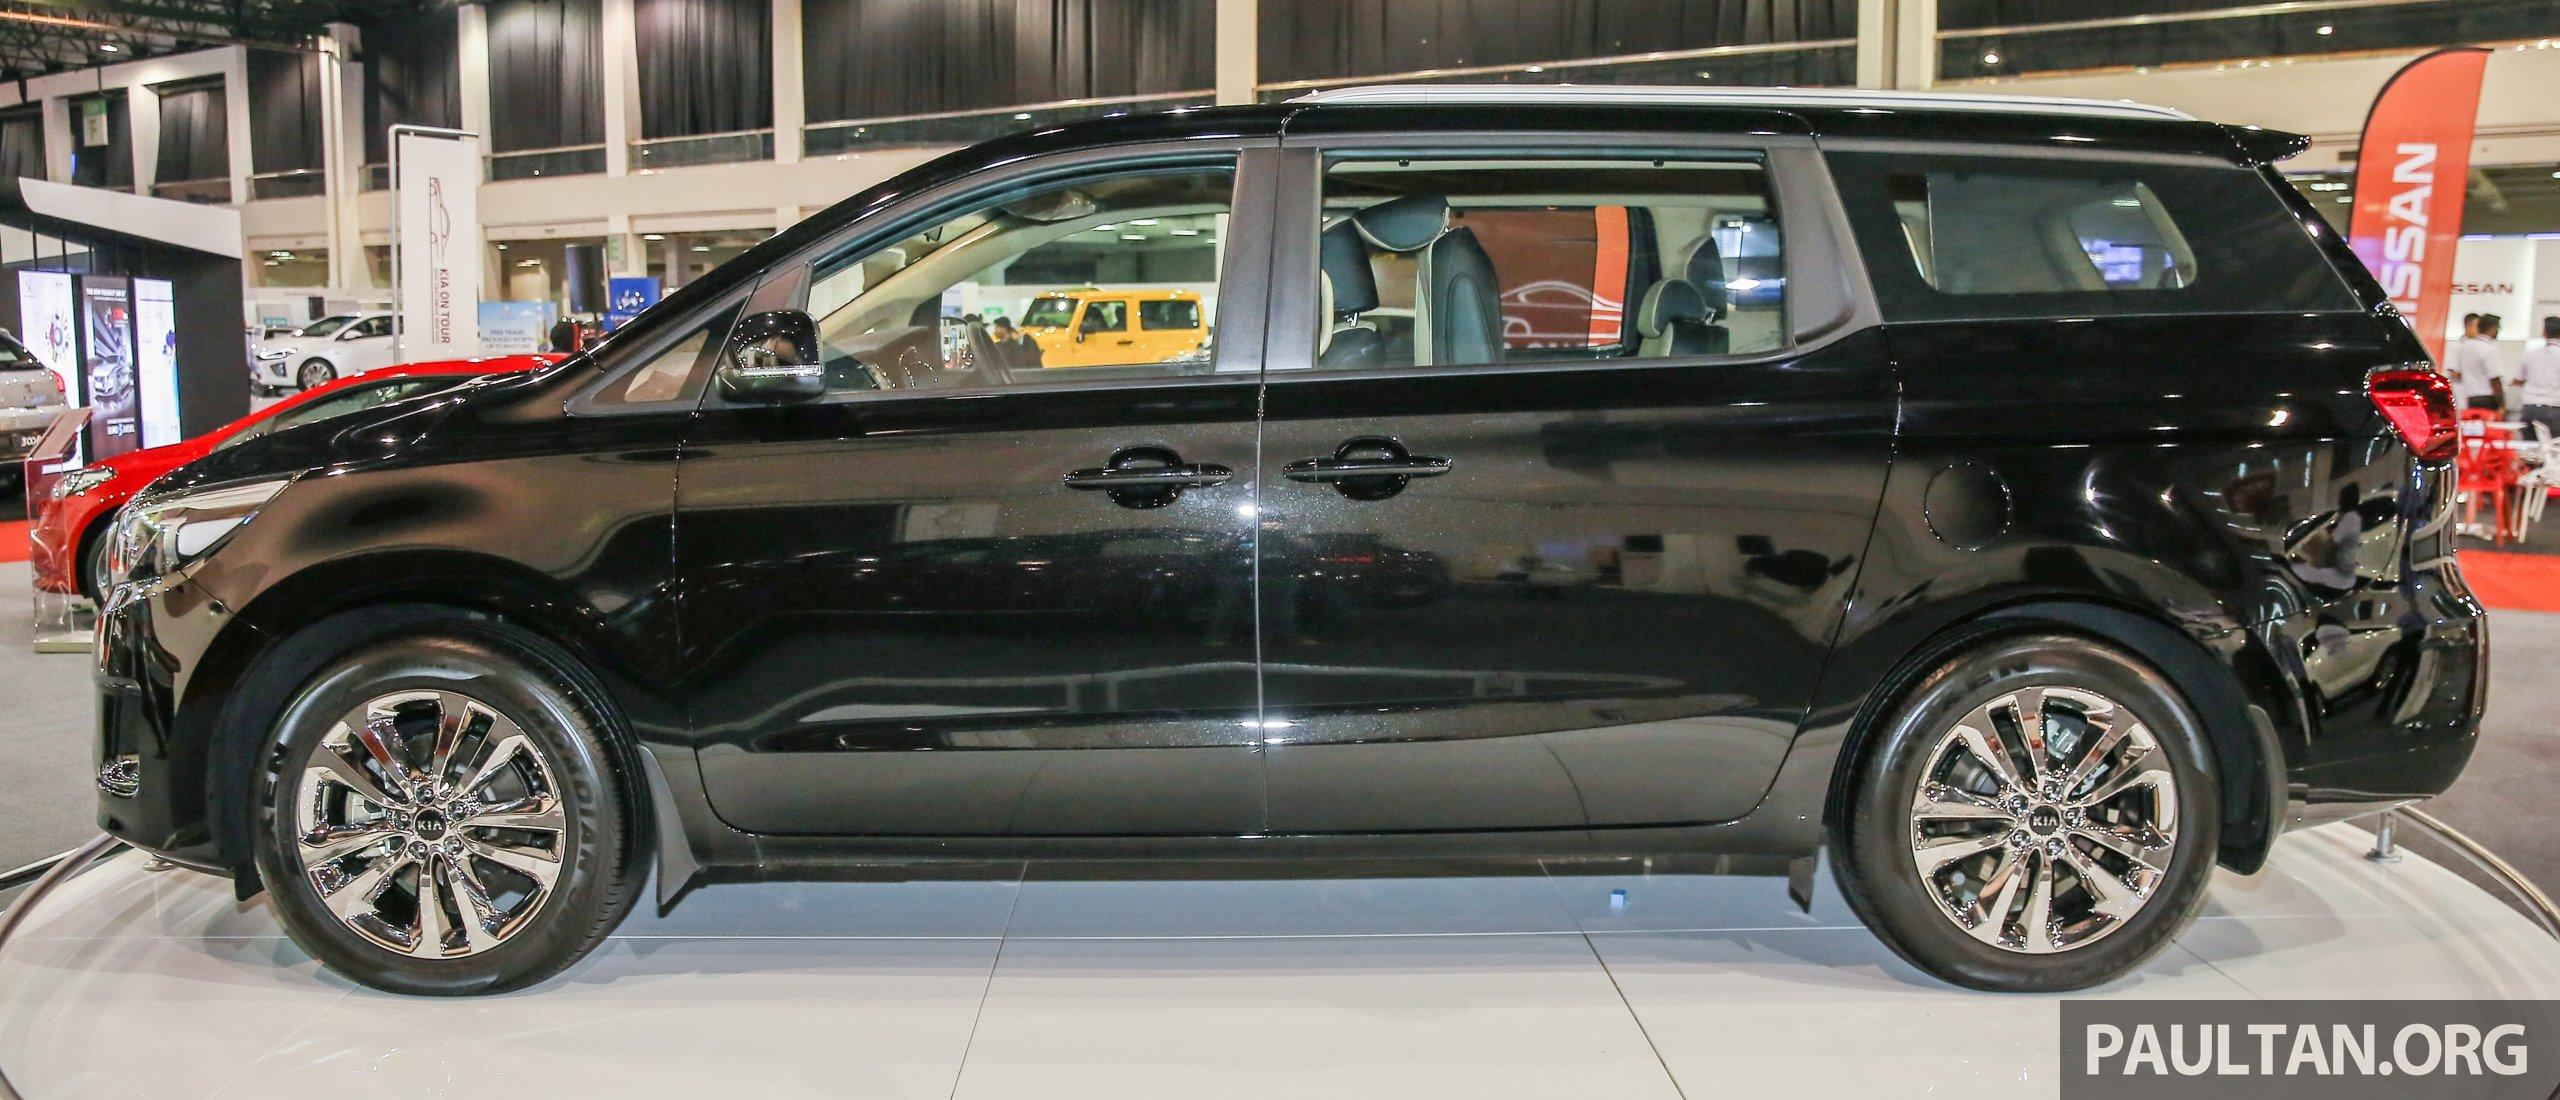 Kia For Sale >> Kia Grand Carnival 2.2 CRDi previewed in Malaysia – high ...